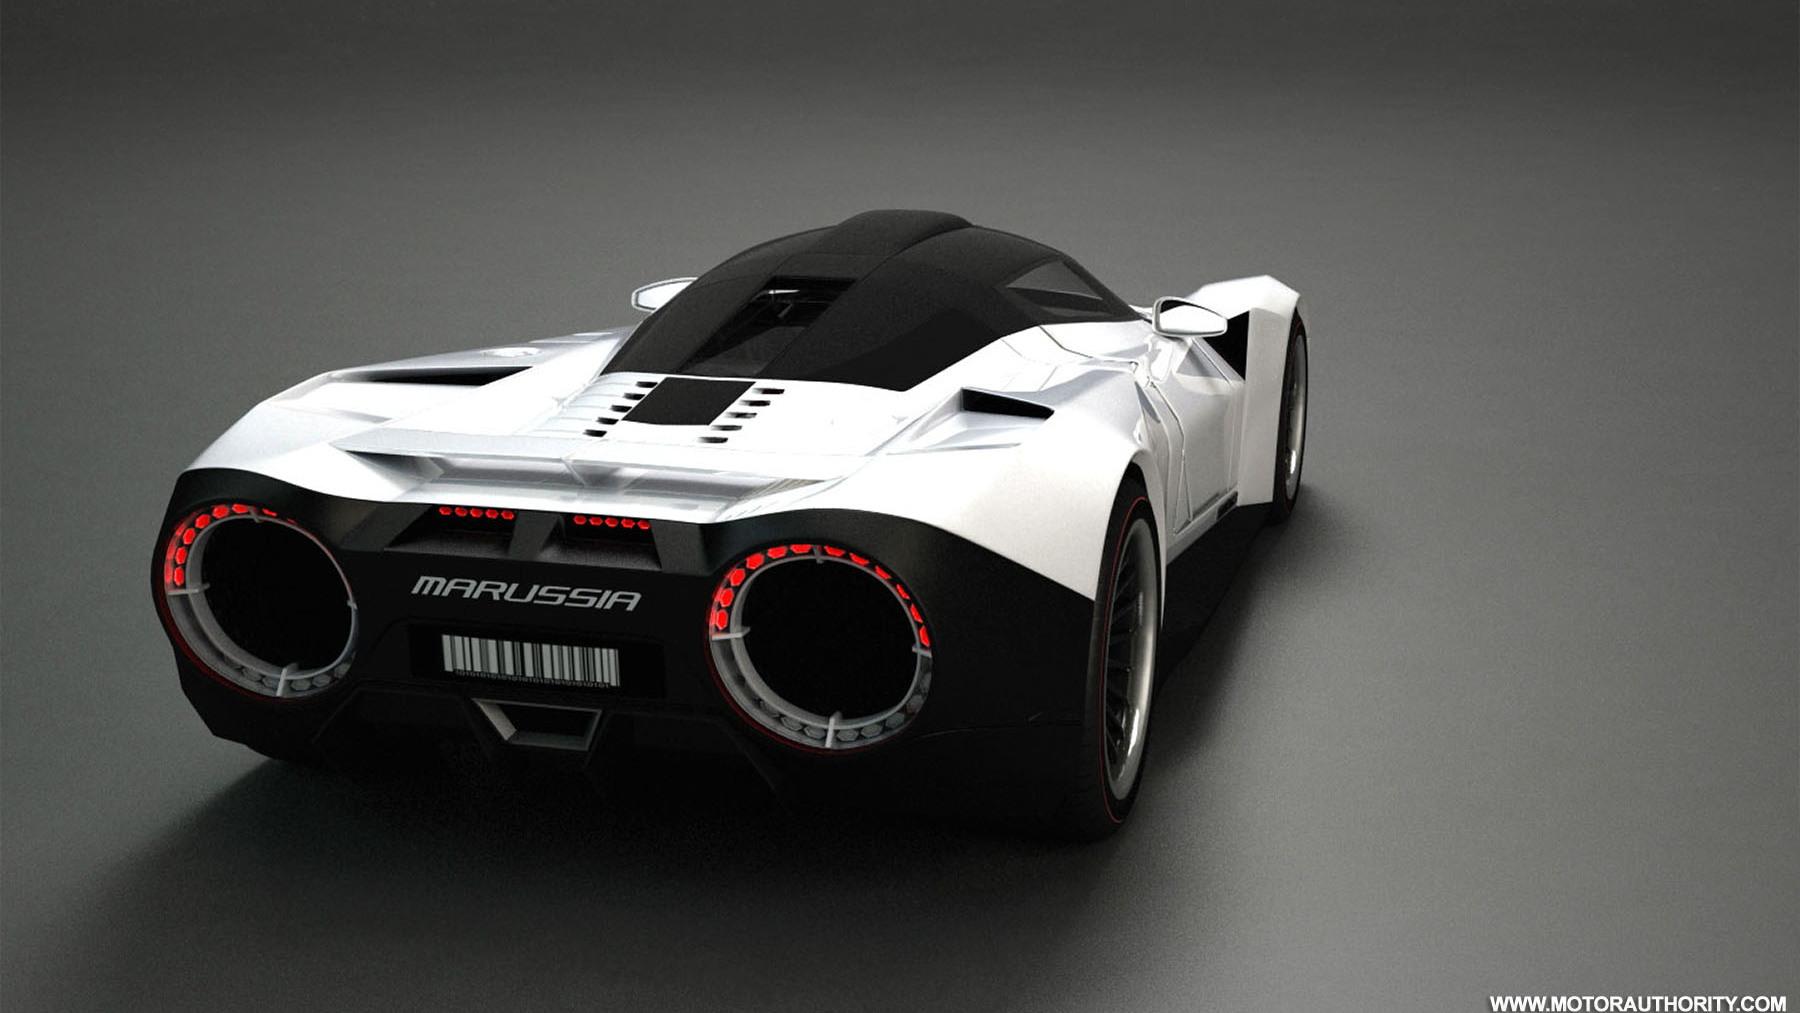 krasnov igor muska supercar concept rendering 006